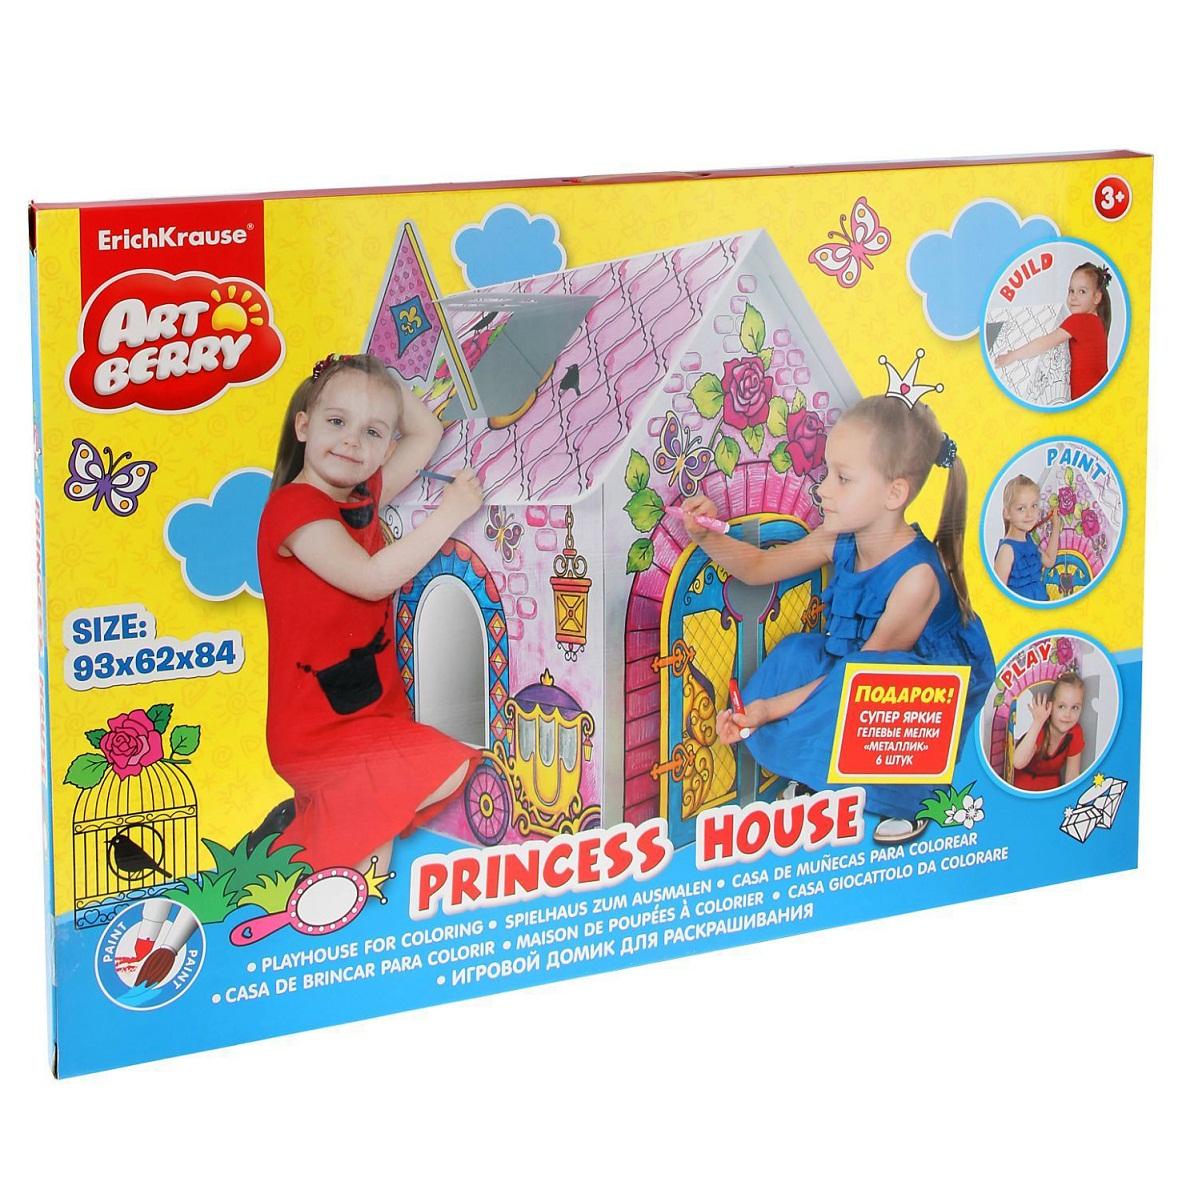 Купить Домик игровой для раскрашивания - Дом Принцессы/Princess house, Erich Krause